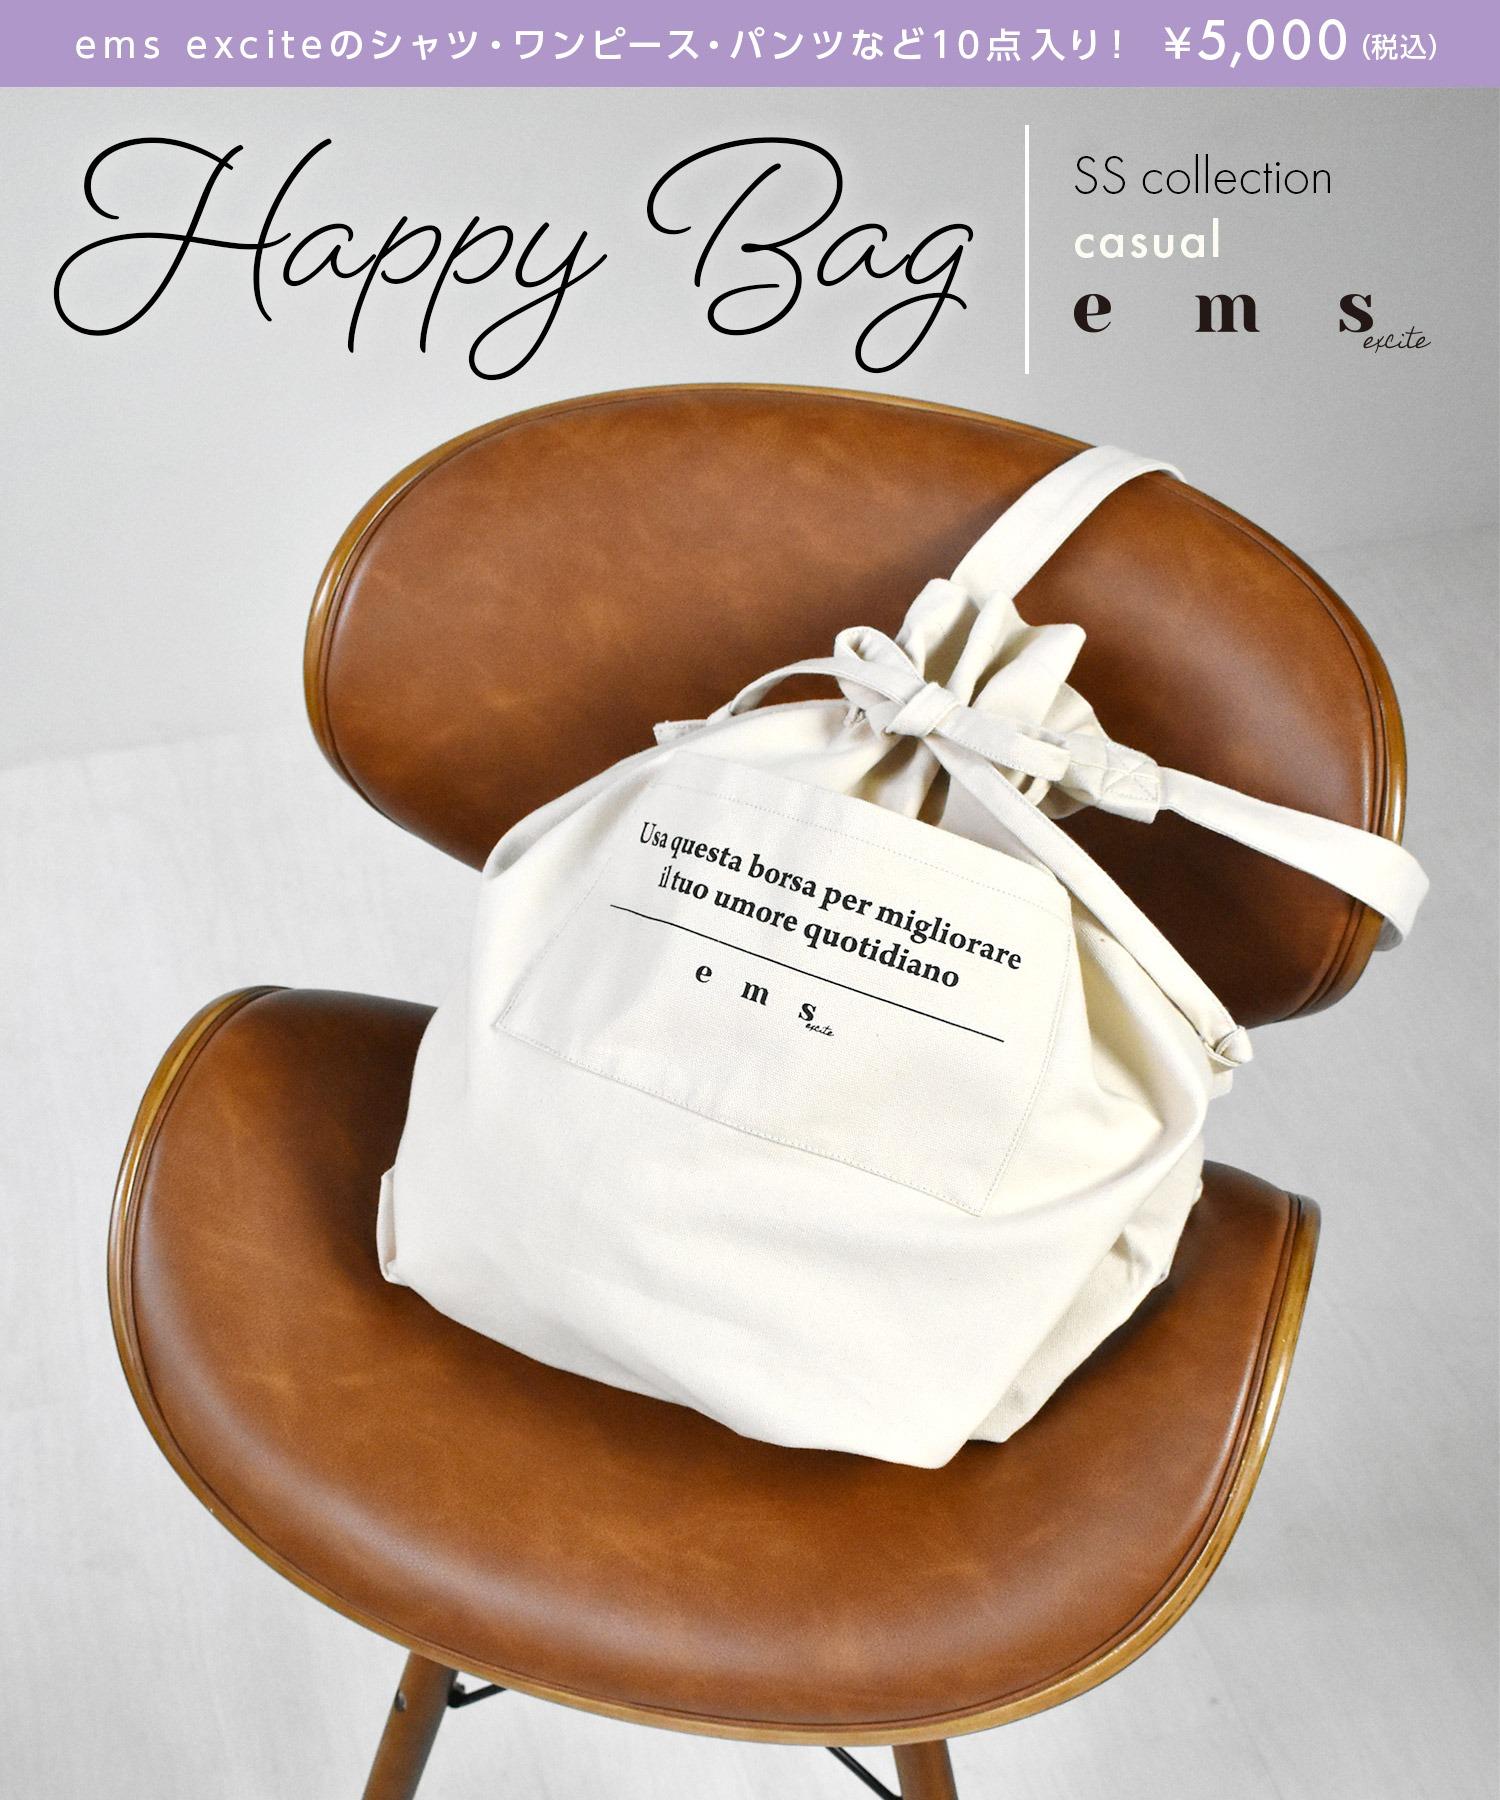 【Happy Bag】ems excite